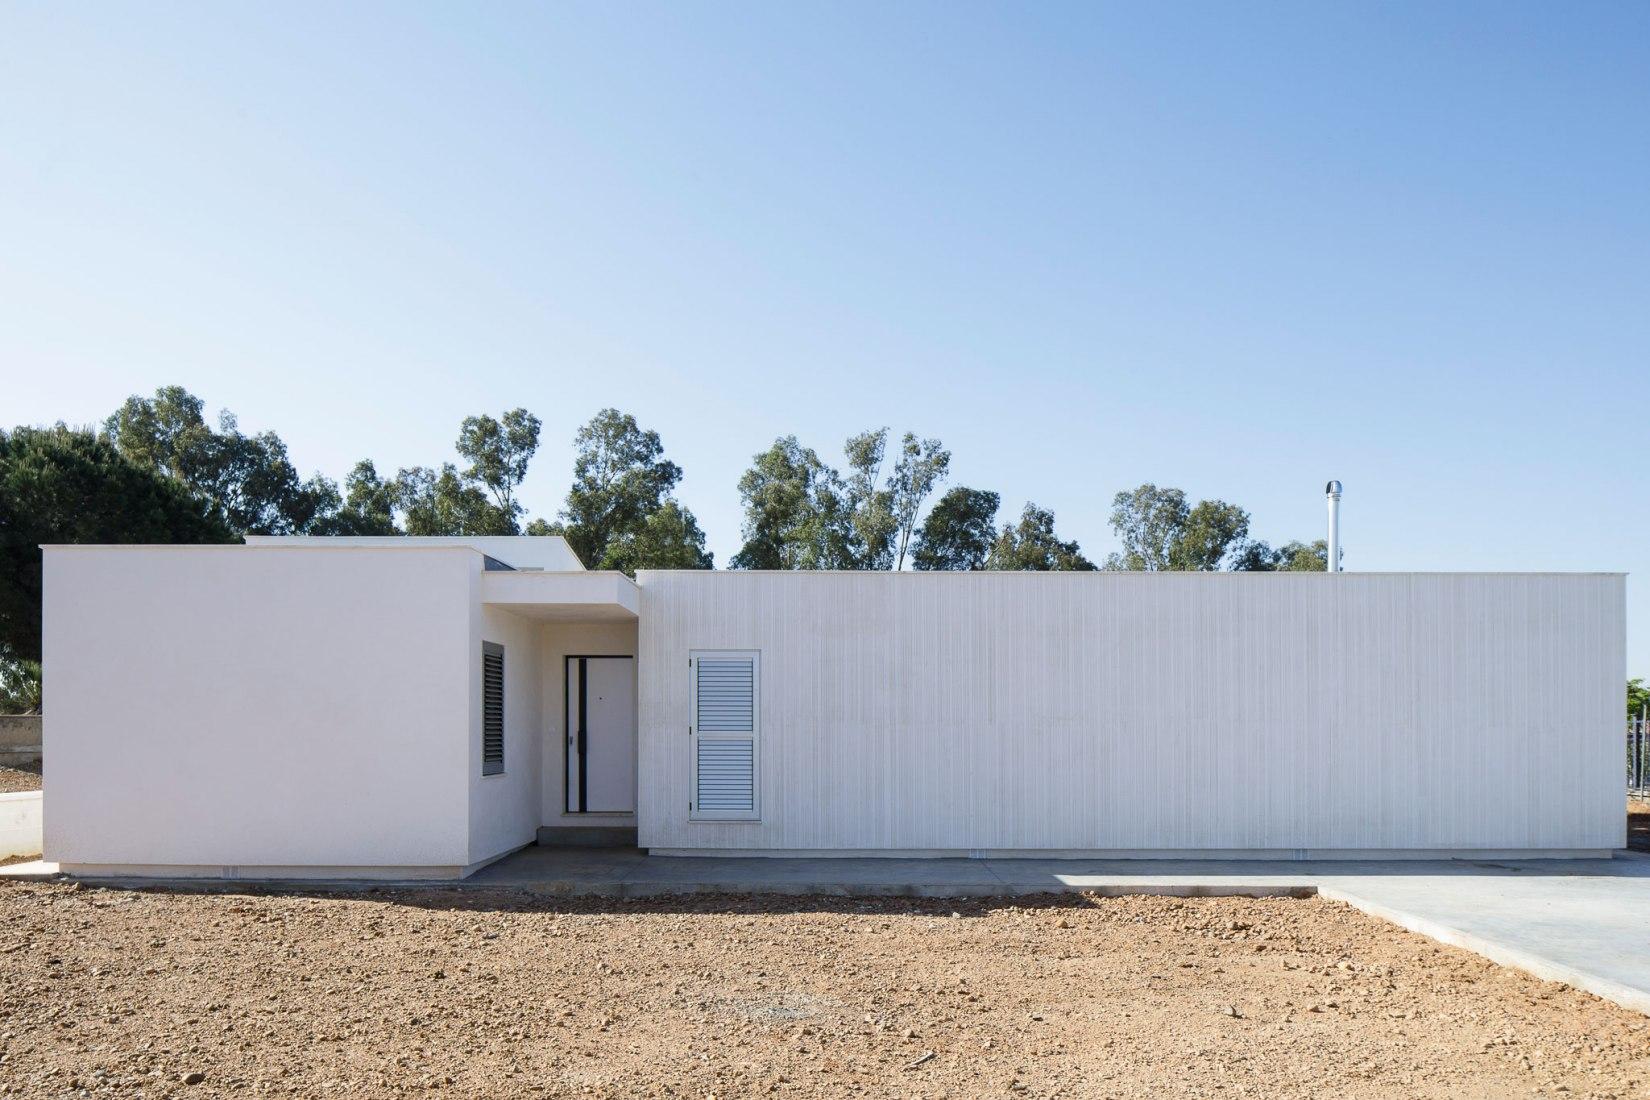 Casa en Carmona por Estudio ACTA. Fotografía por Fernando Alda.